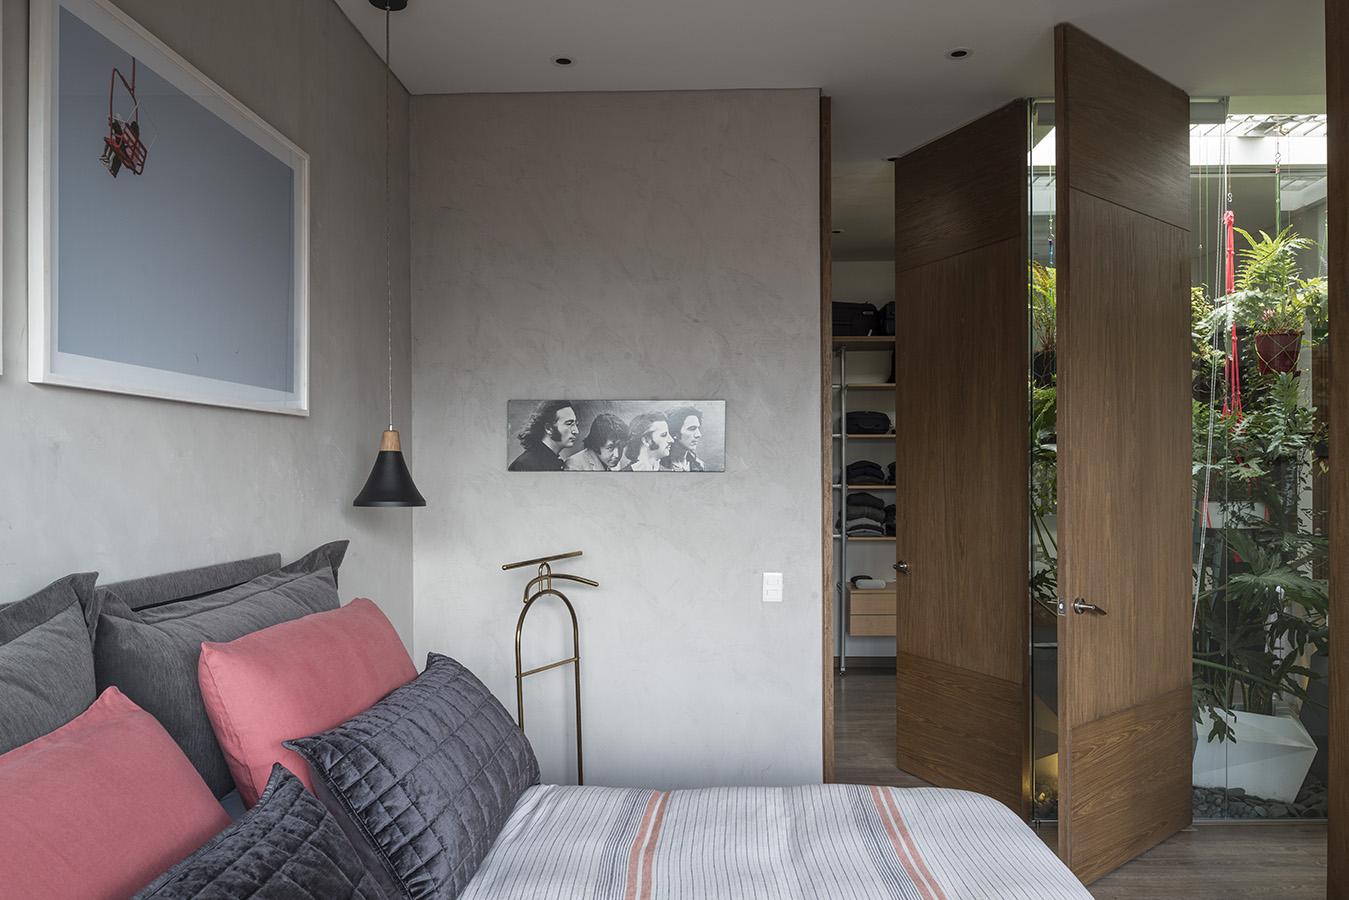 Rodeado por ventanales de piso a techo en prácticamente todo su perímetro, este apartamento aprovecha visuales privilegiadas hacia un parque en el norte de Bogotá mientras goza de la enorme cantidad de luz natural que baña su interior.